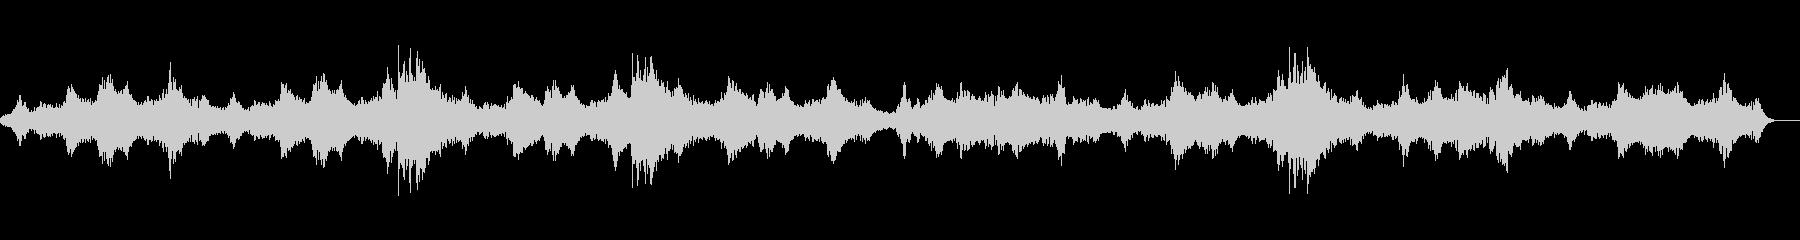 ホラー系のBGMの未再生の波形